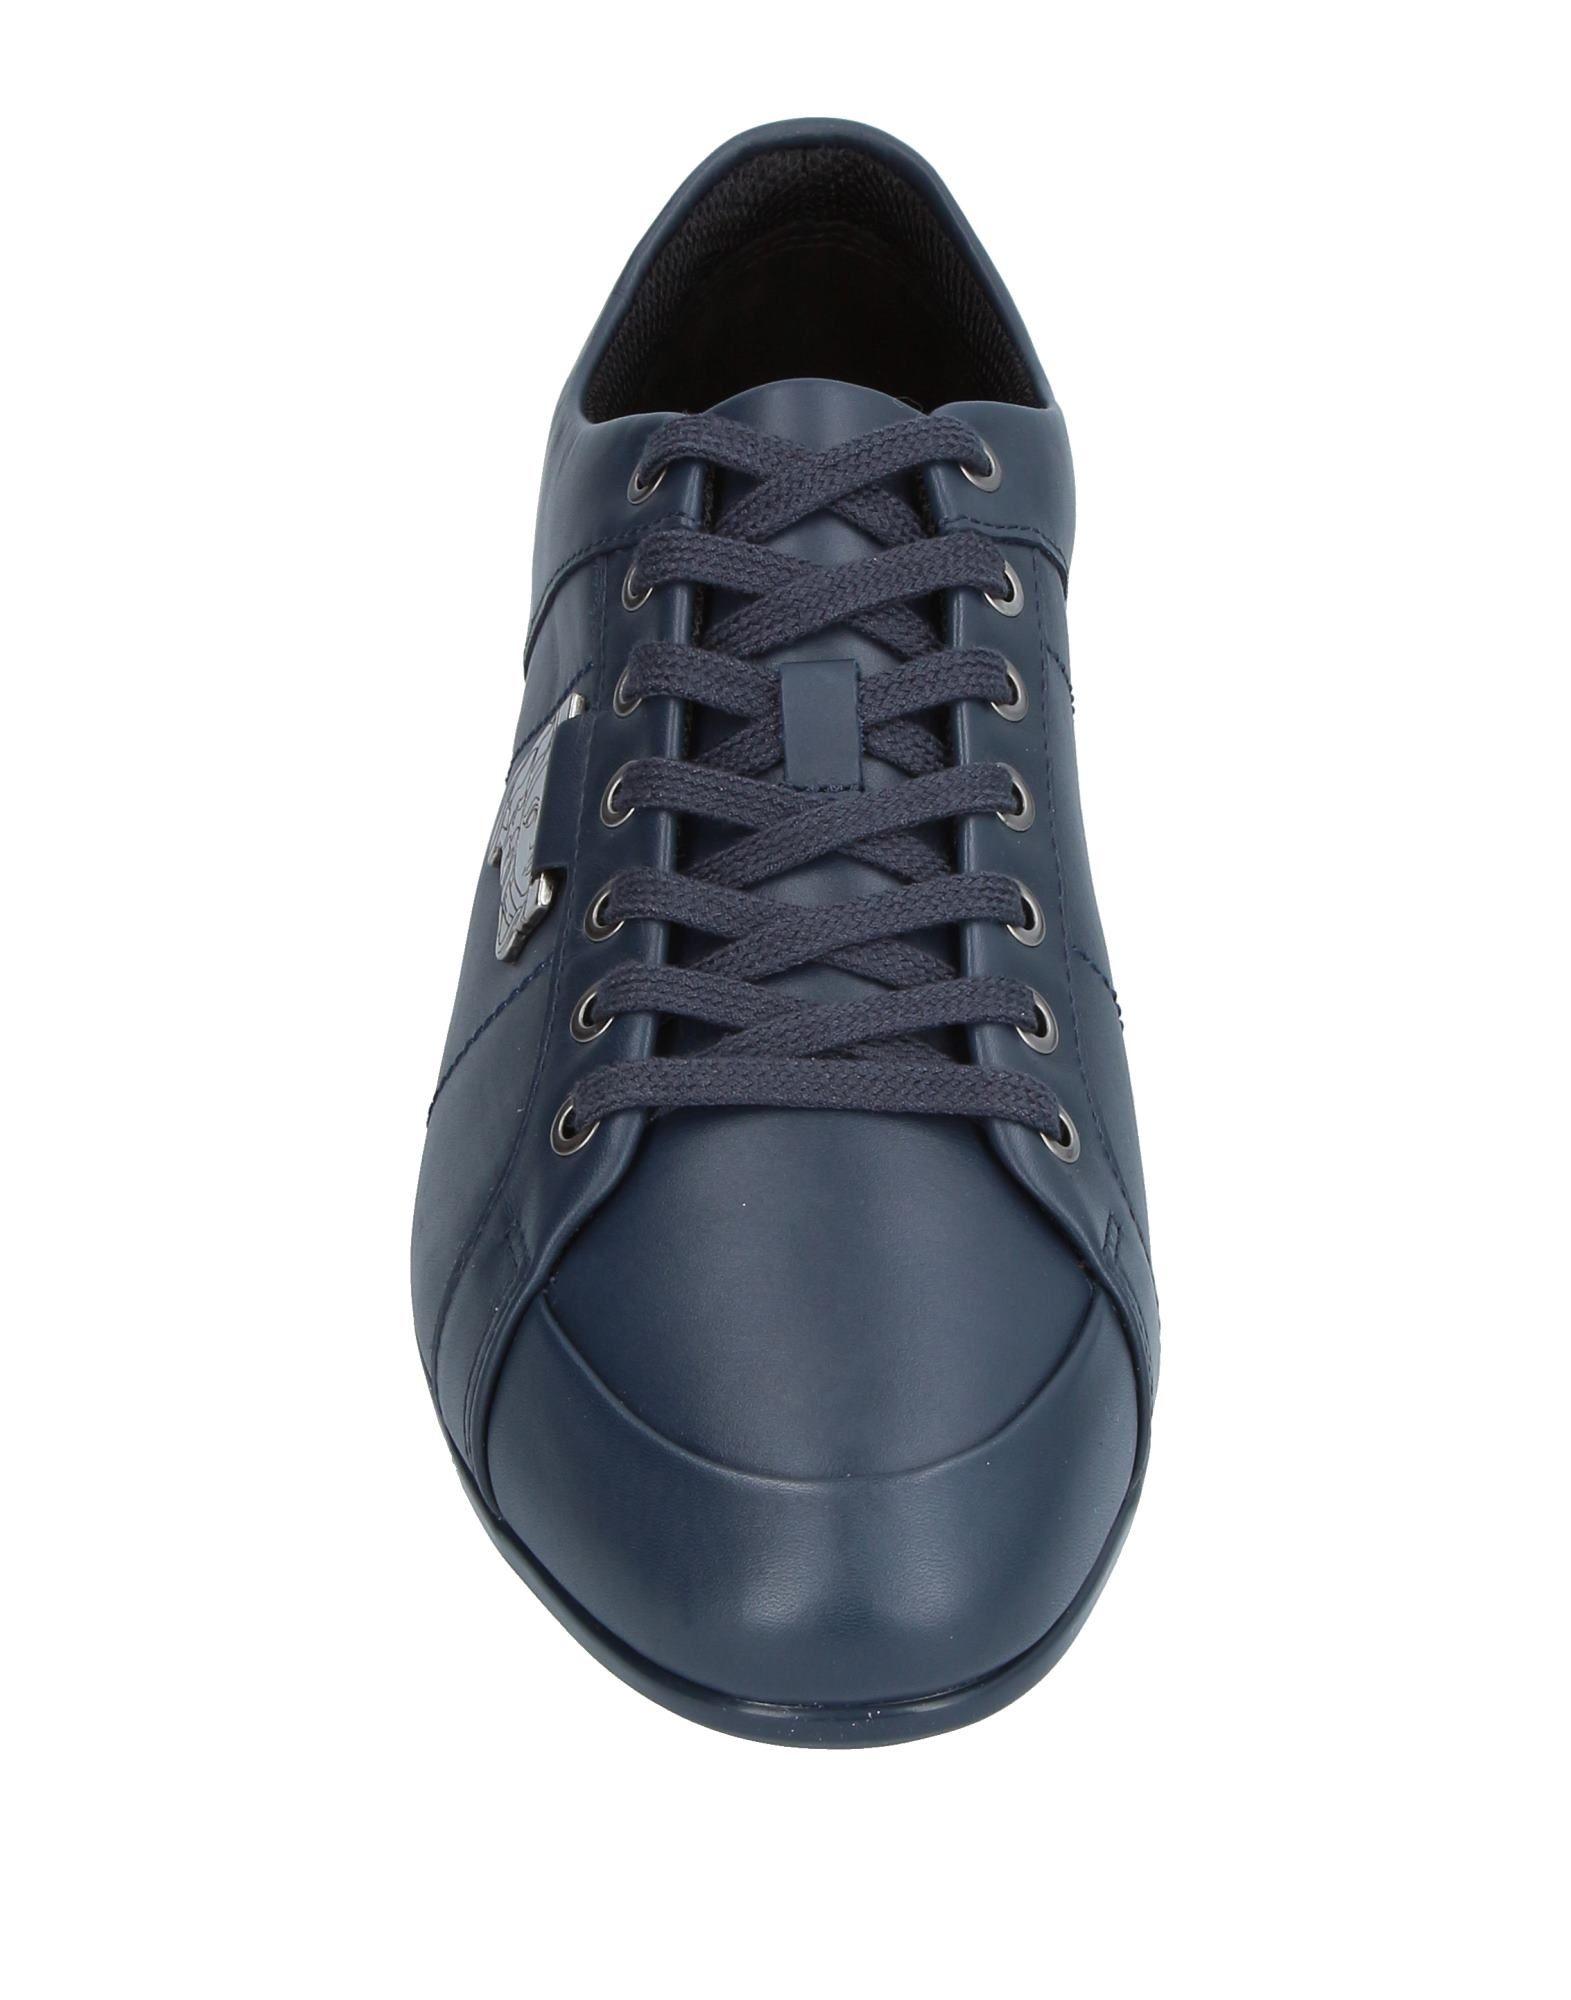 Rabatt Sneakers echte Schuhe Versace Collection Sneakers Rabatt Herren  11227775HJ 91b421